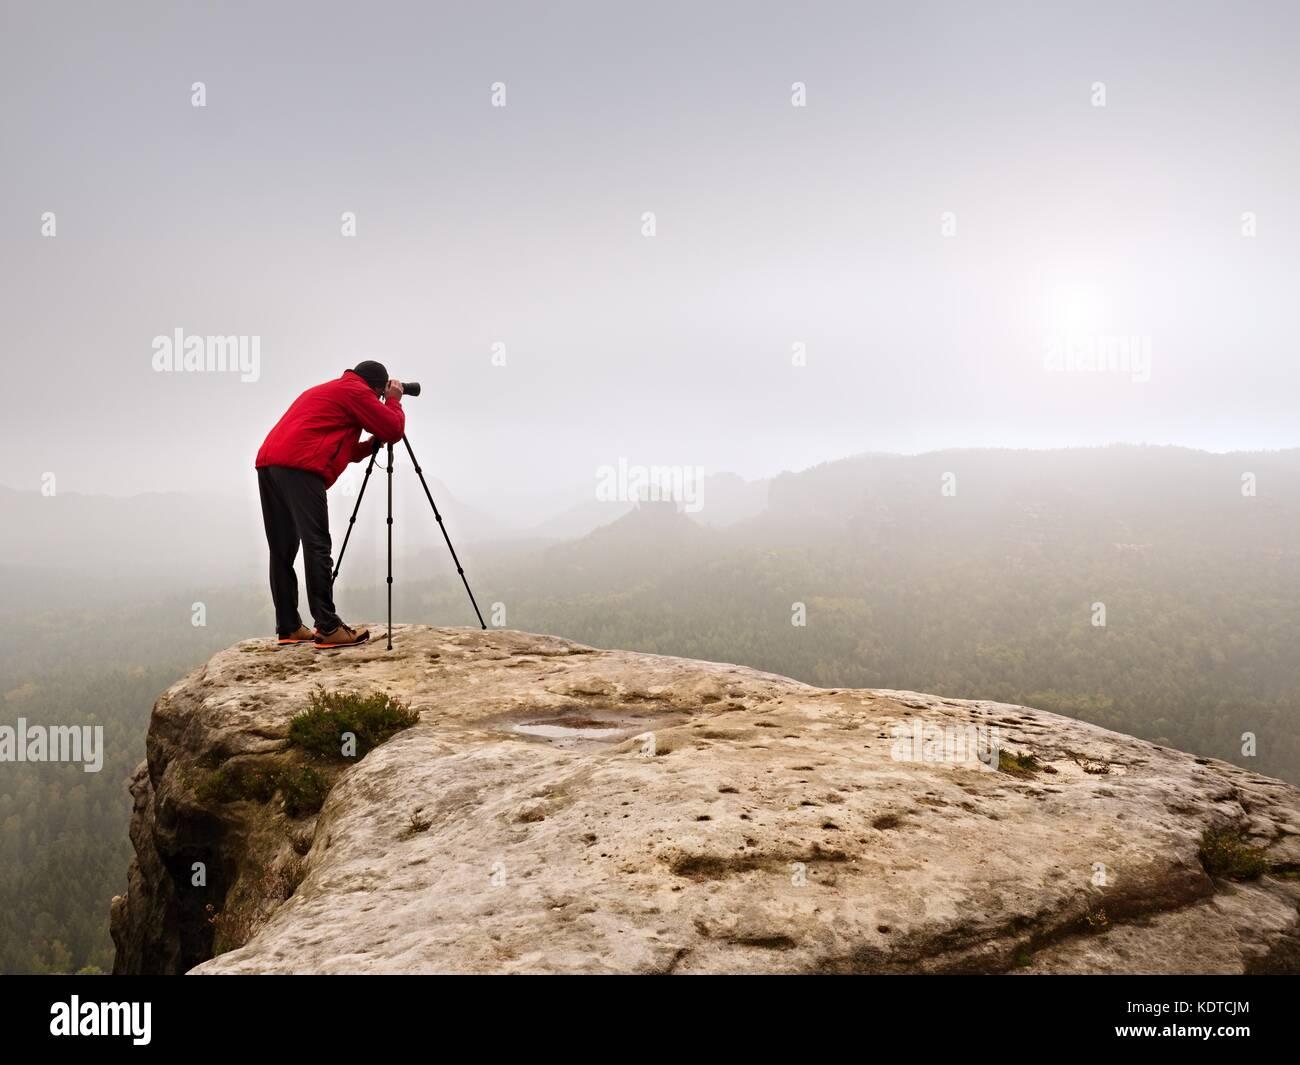 Photographr Guardando nel mirino della fotocamera reflex digitale Fotocamera digitale stand su treppiede. artista Immagini Stock